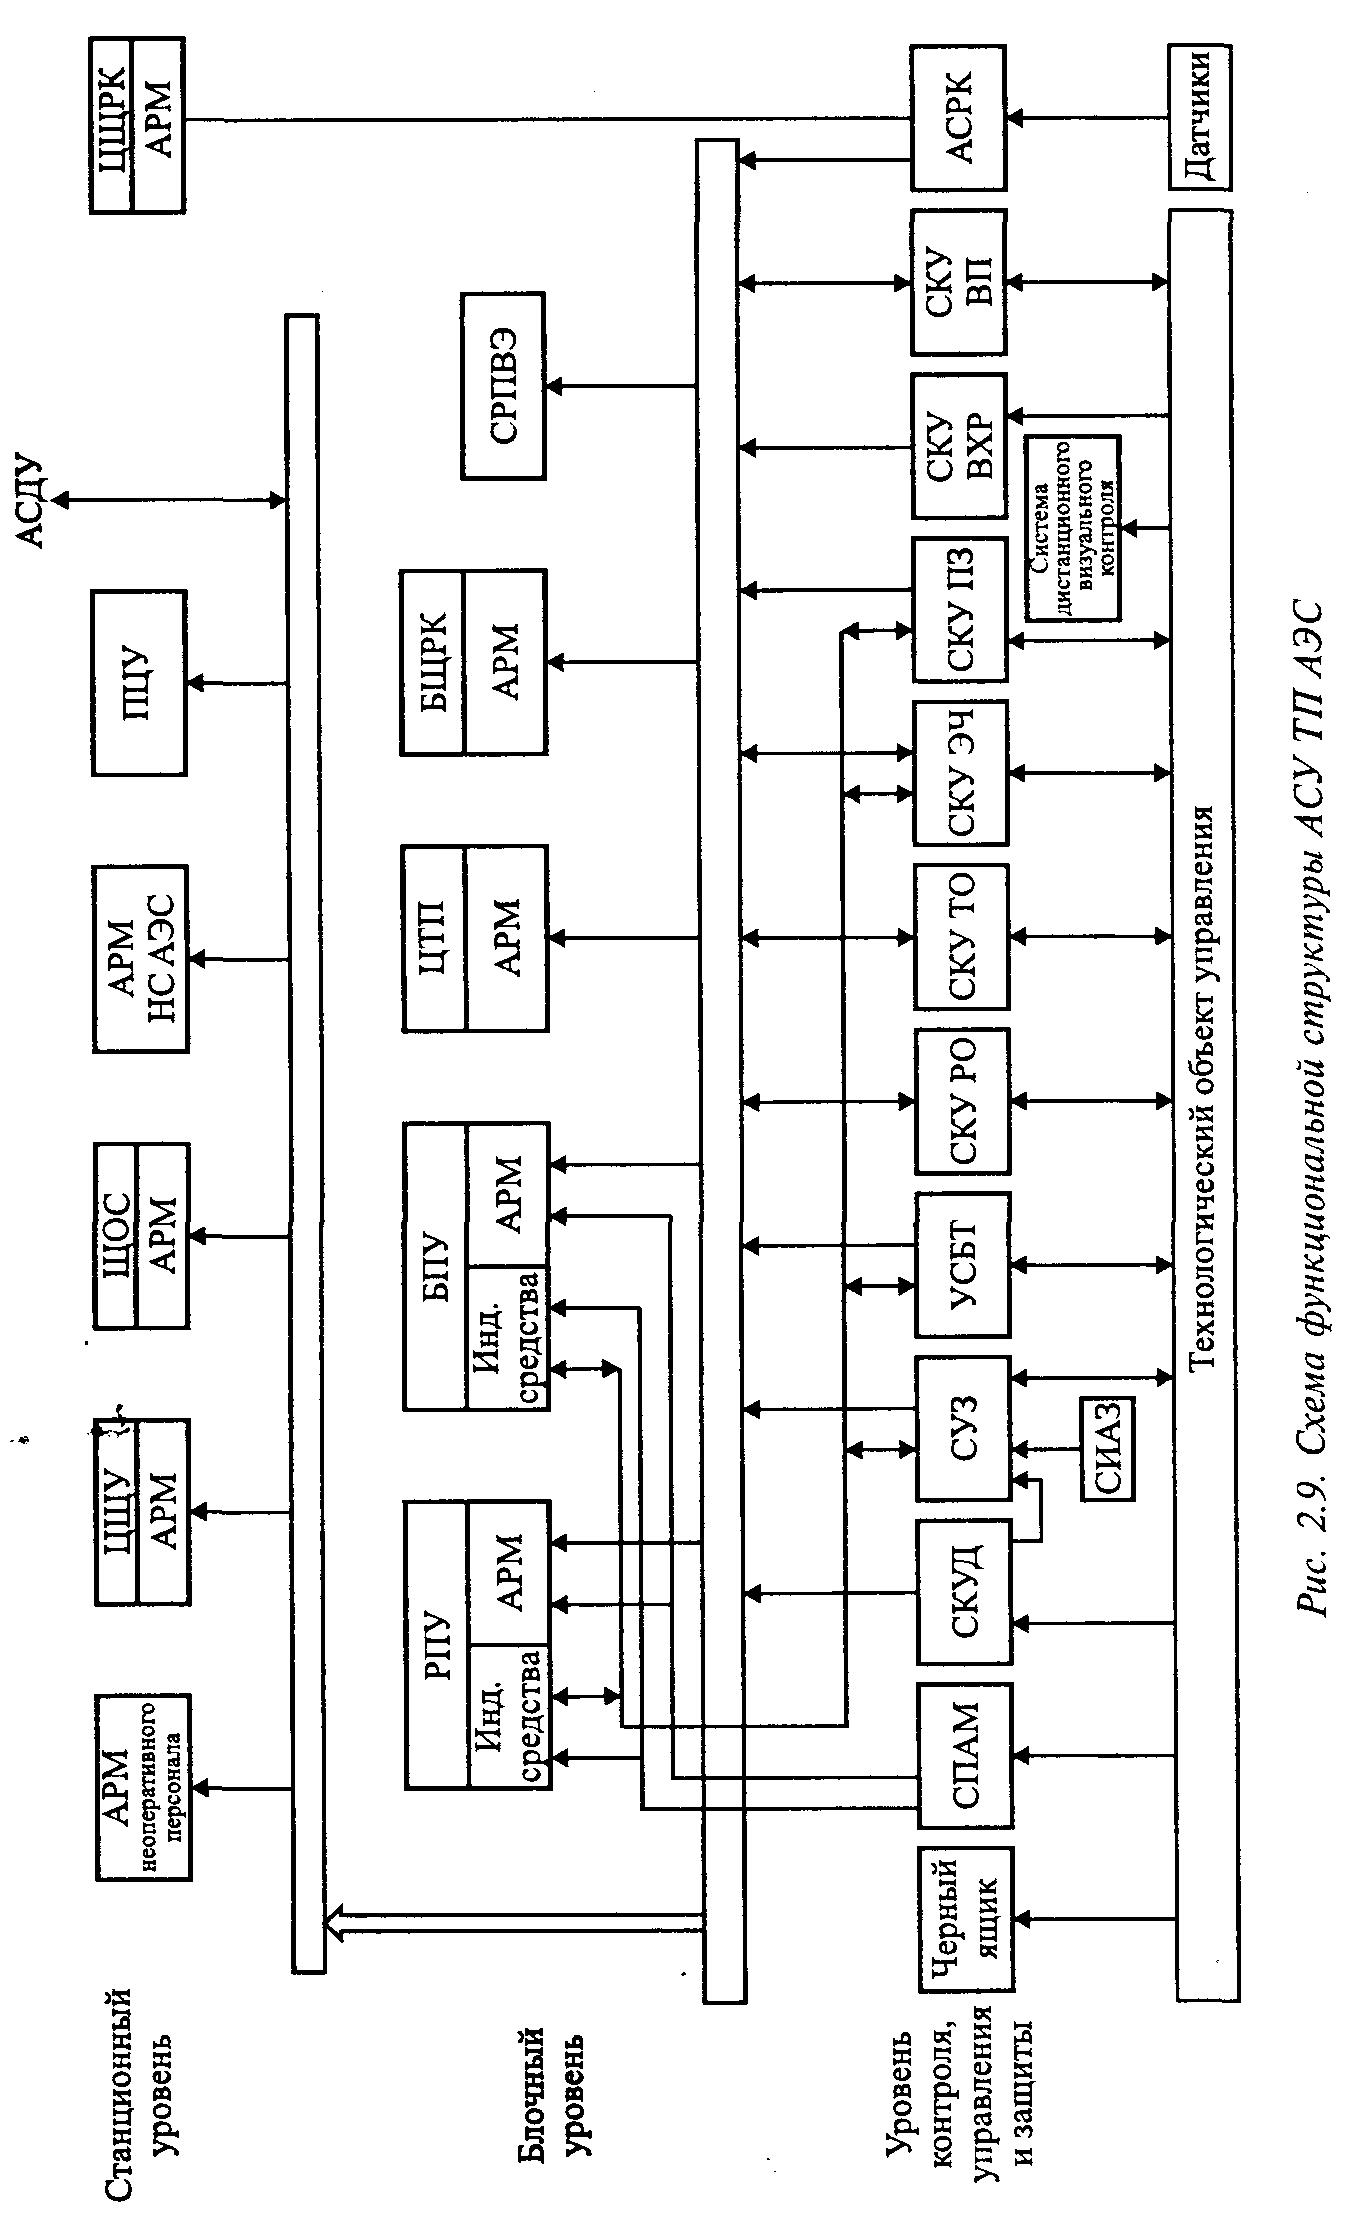 релейная схема сигнализации технологических параметров